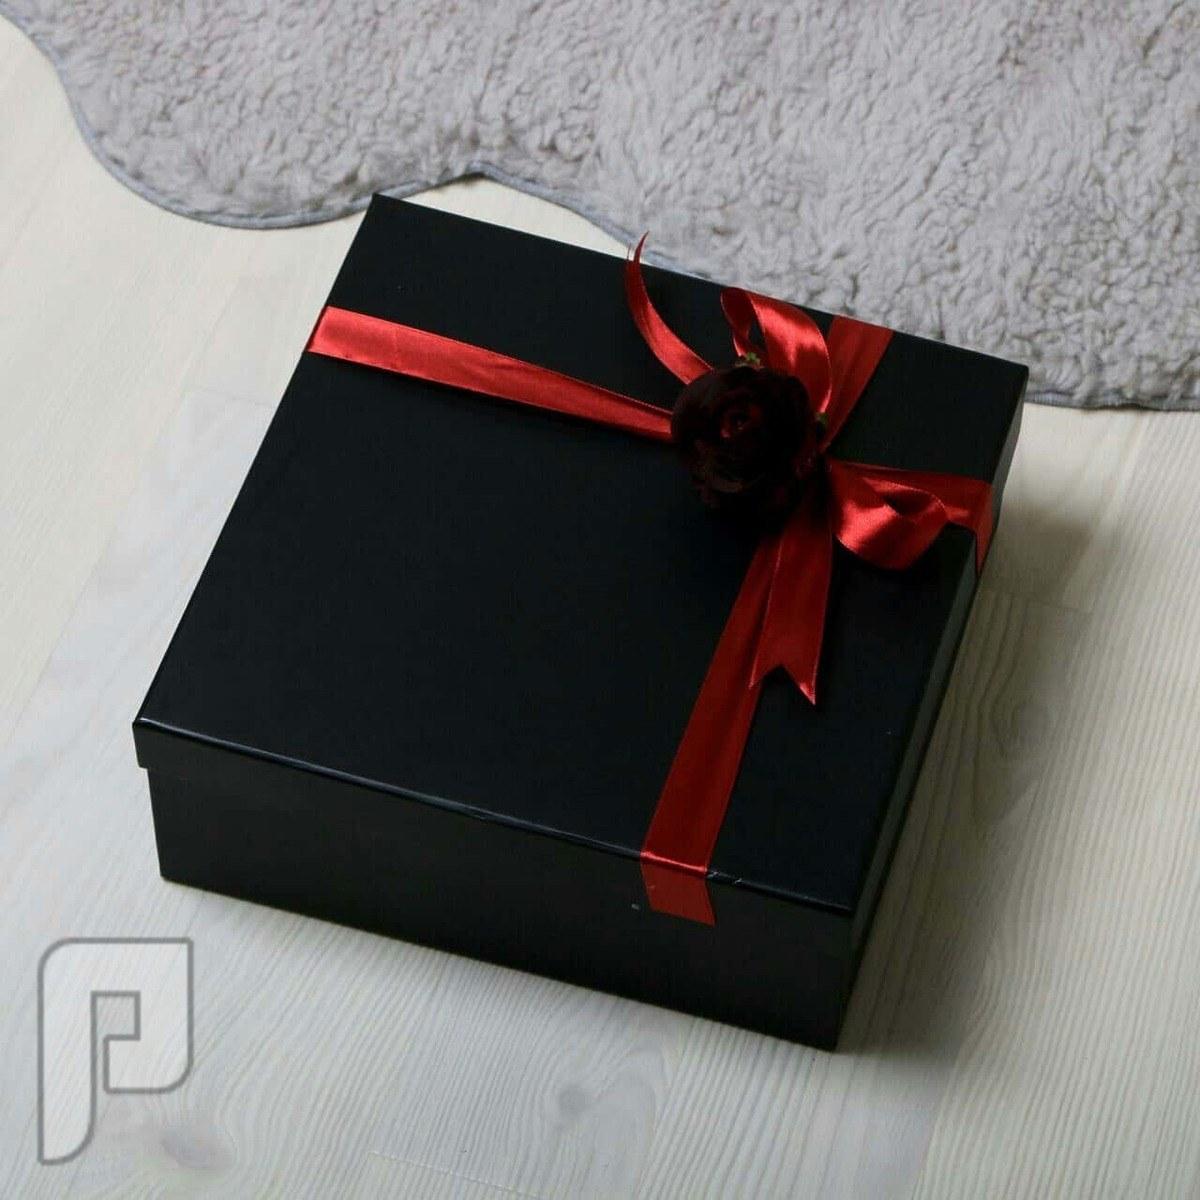 بوكس جواه طقم هدايا رجاليه. روعه روعه جدا بالاسم